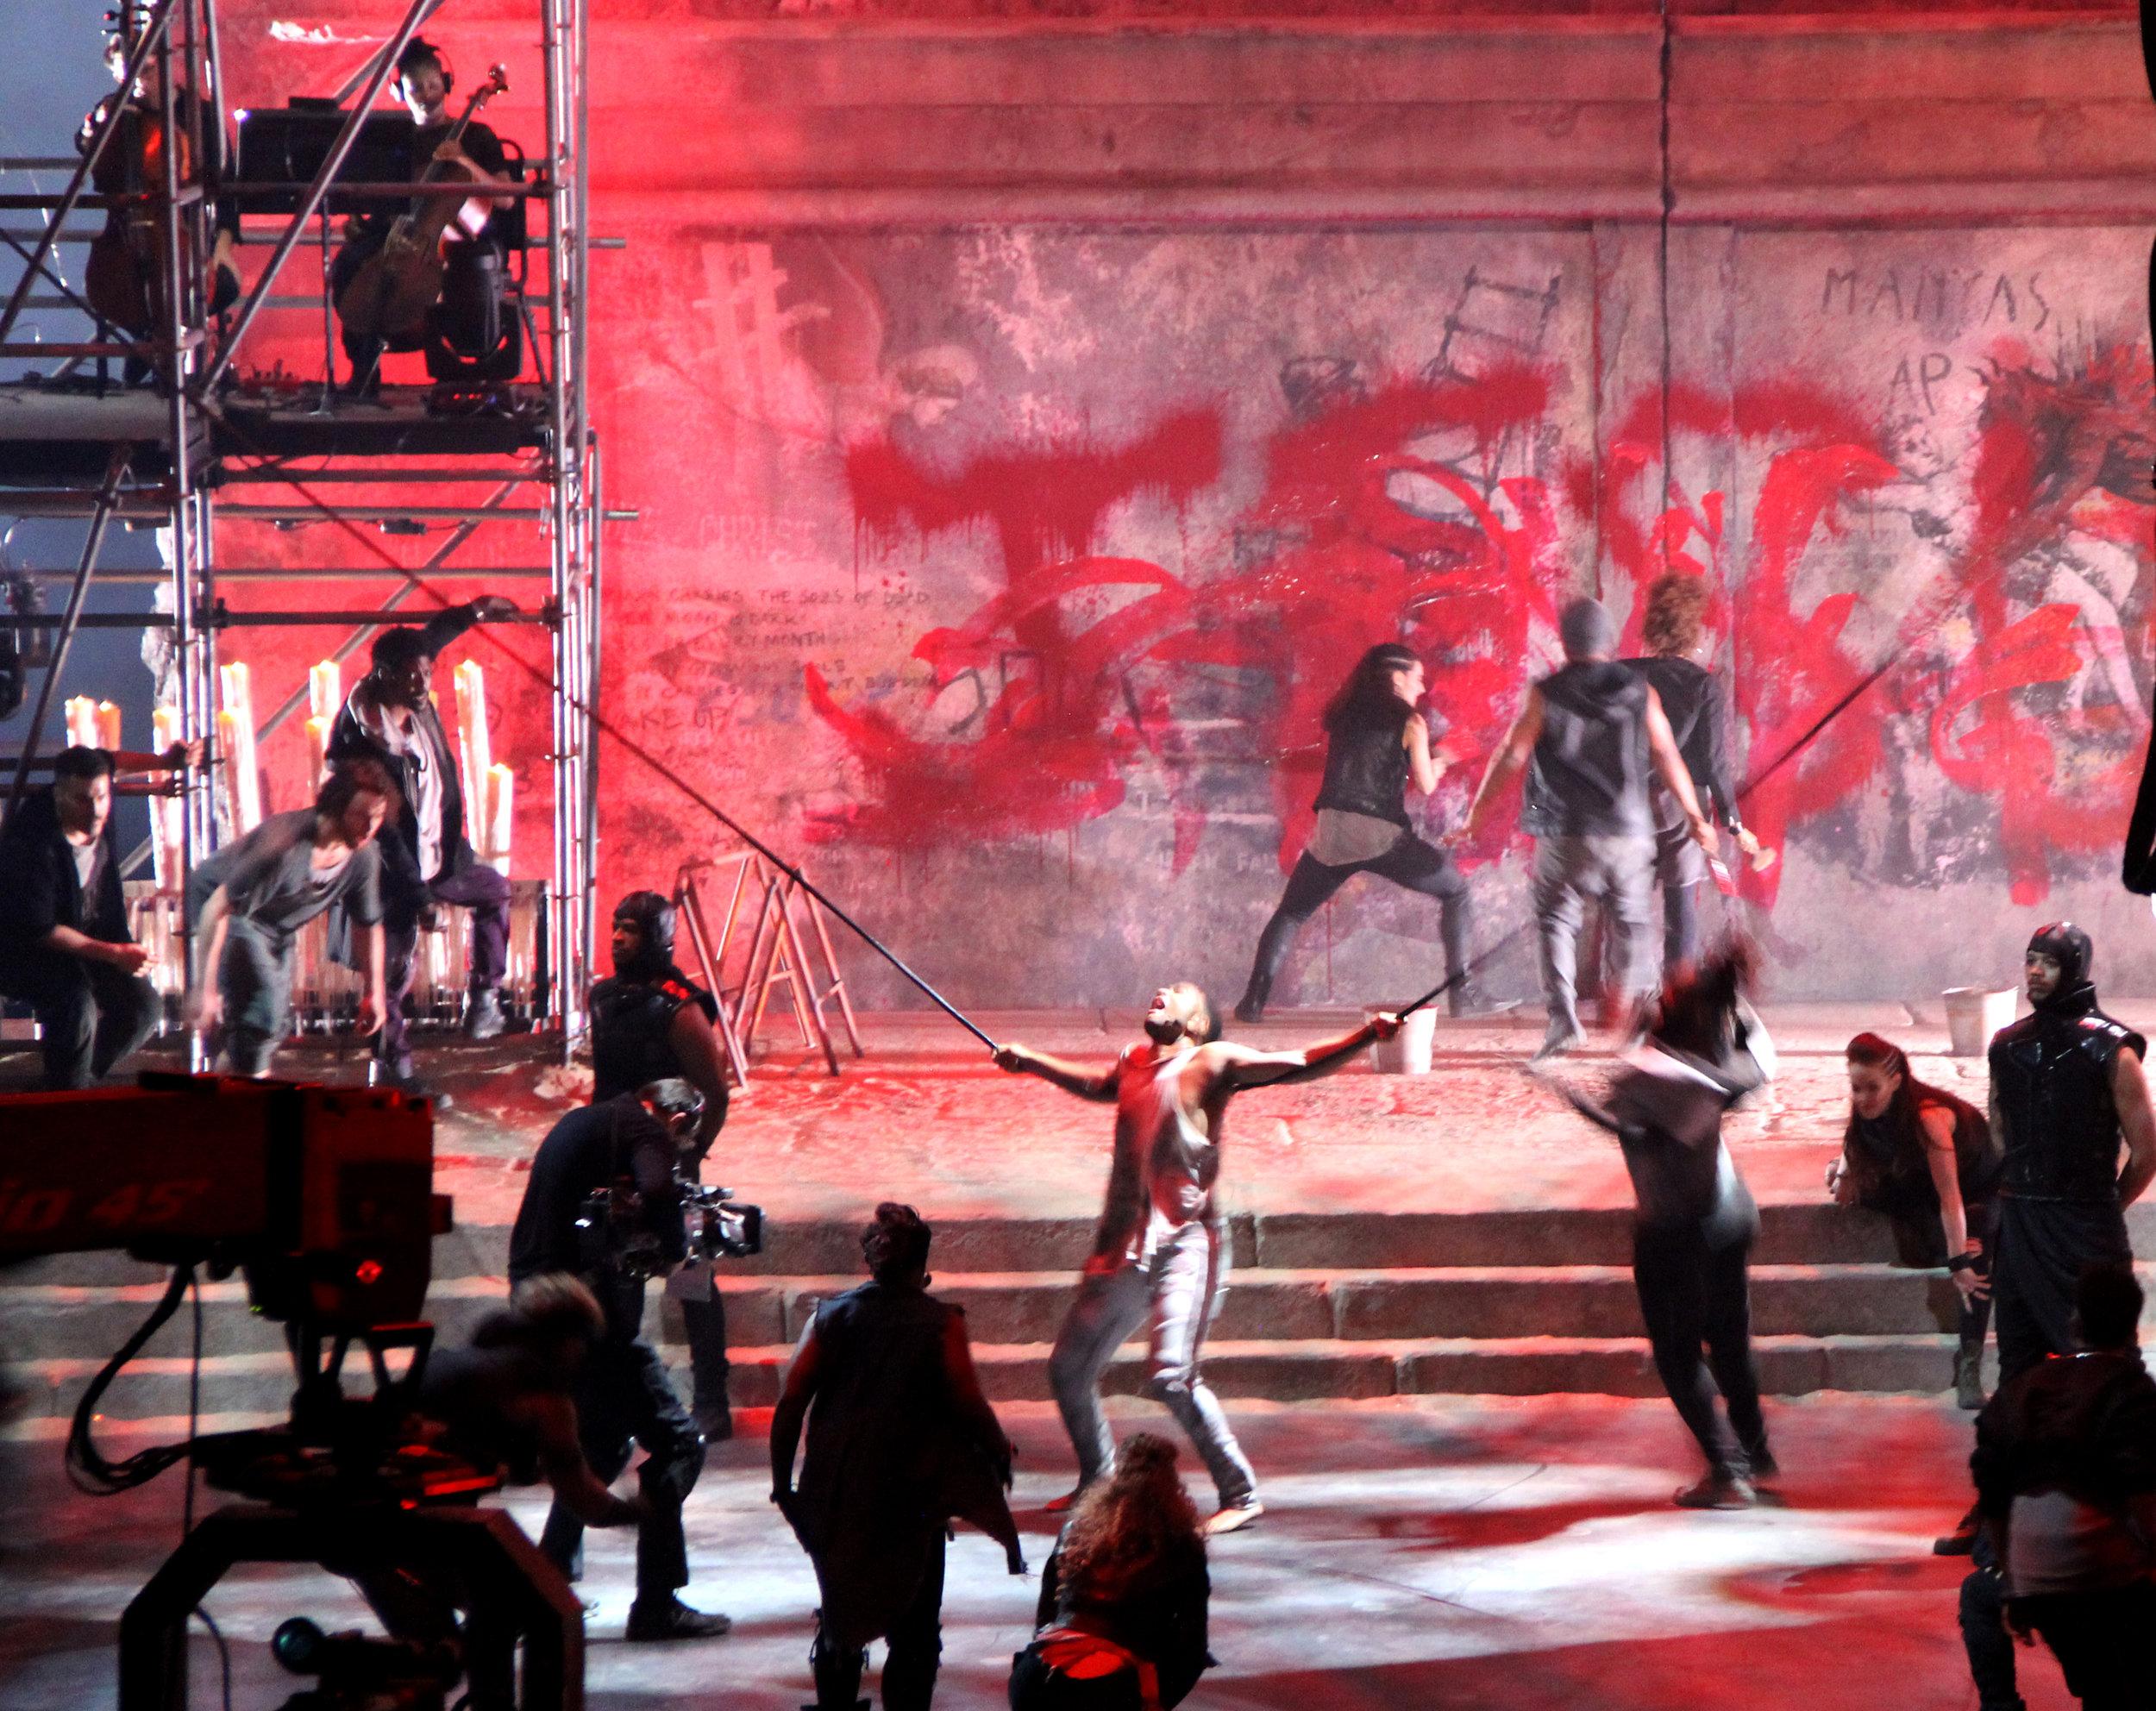 Jesus-Christ-Superstar-Act-10-Trial-Before-Pilate-02.jpg